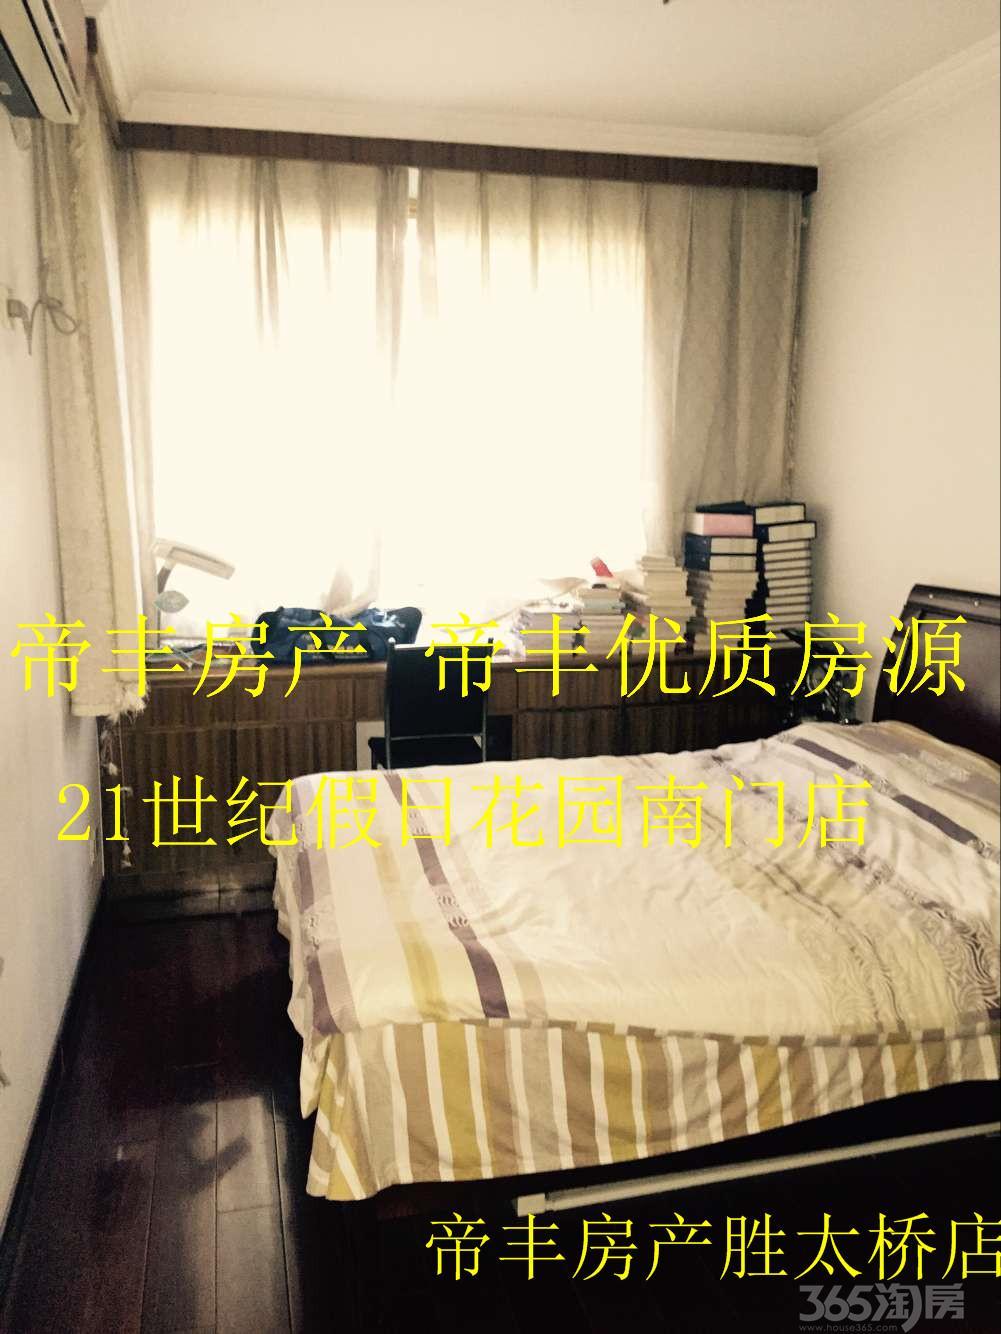 【新年特惠大全v大全地铁口四房实小本部店长显小编学区发型图片图片